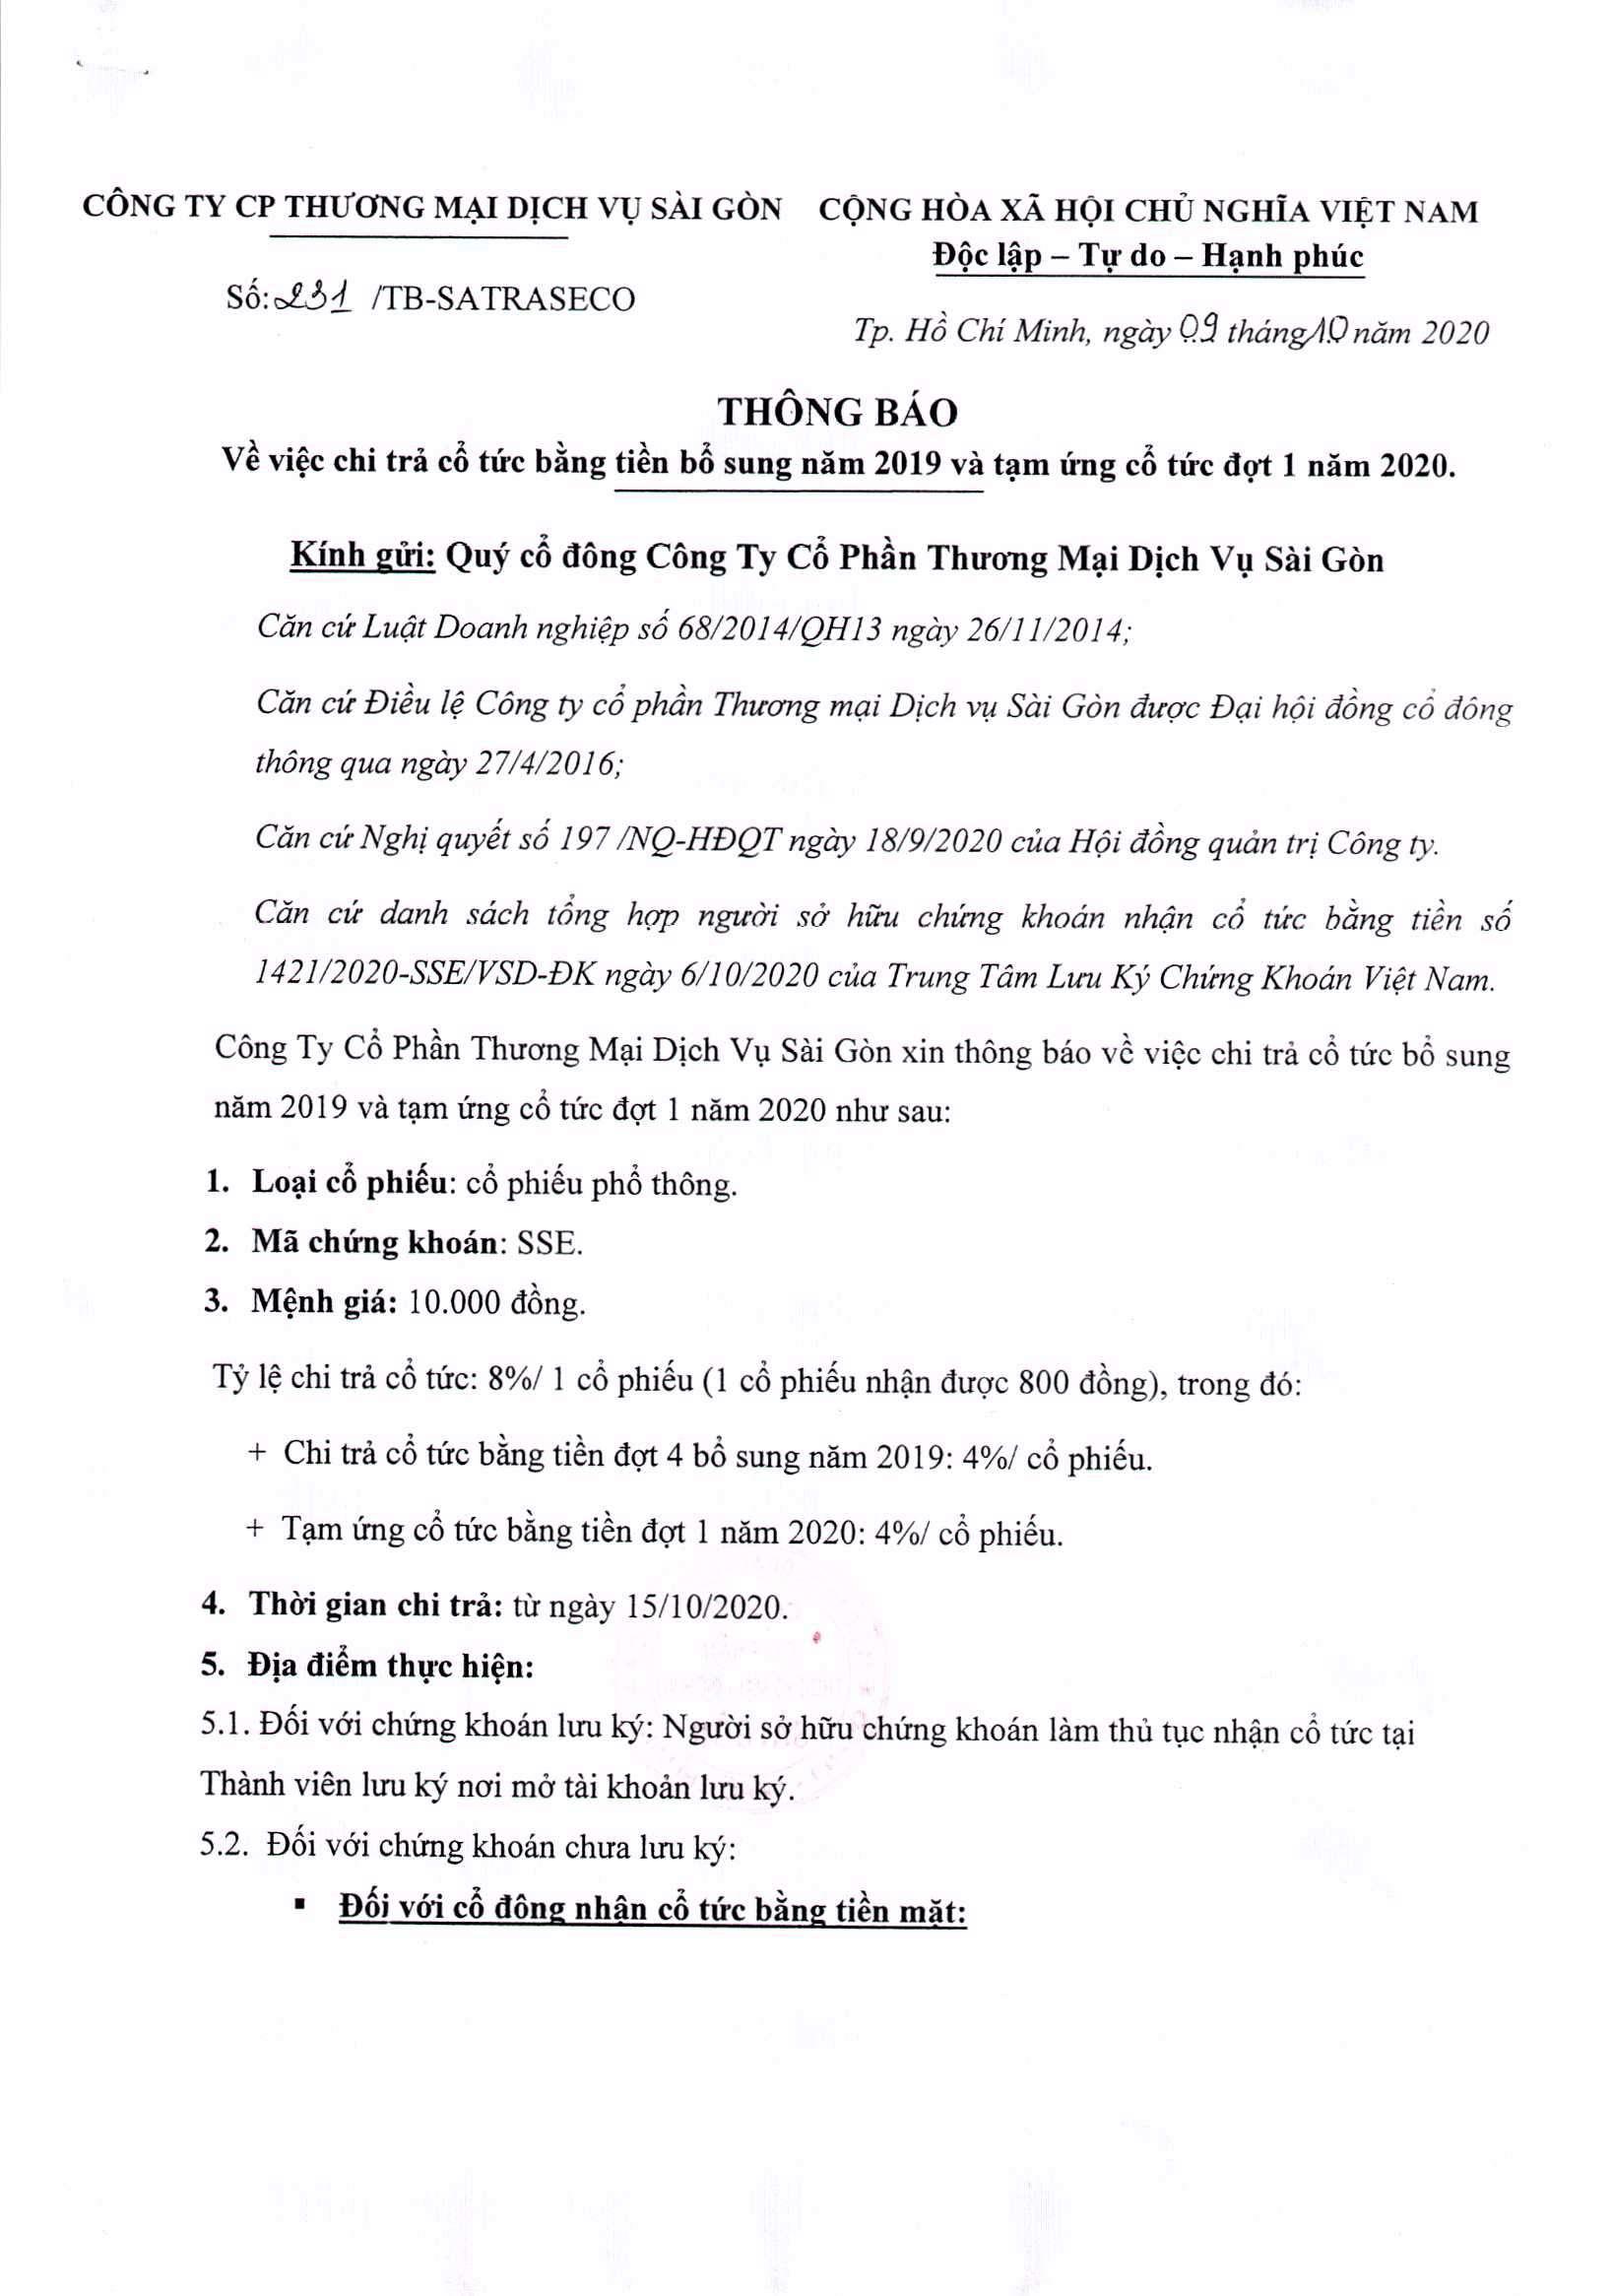 Thông báo vv chi trả cổ tức bằng tiền bổ sung năm 2019 và tạm ứng cổ tức đợt 1 năm 2020 (01)